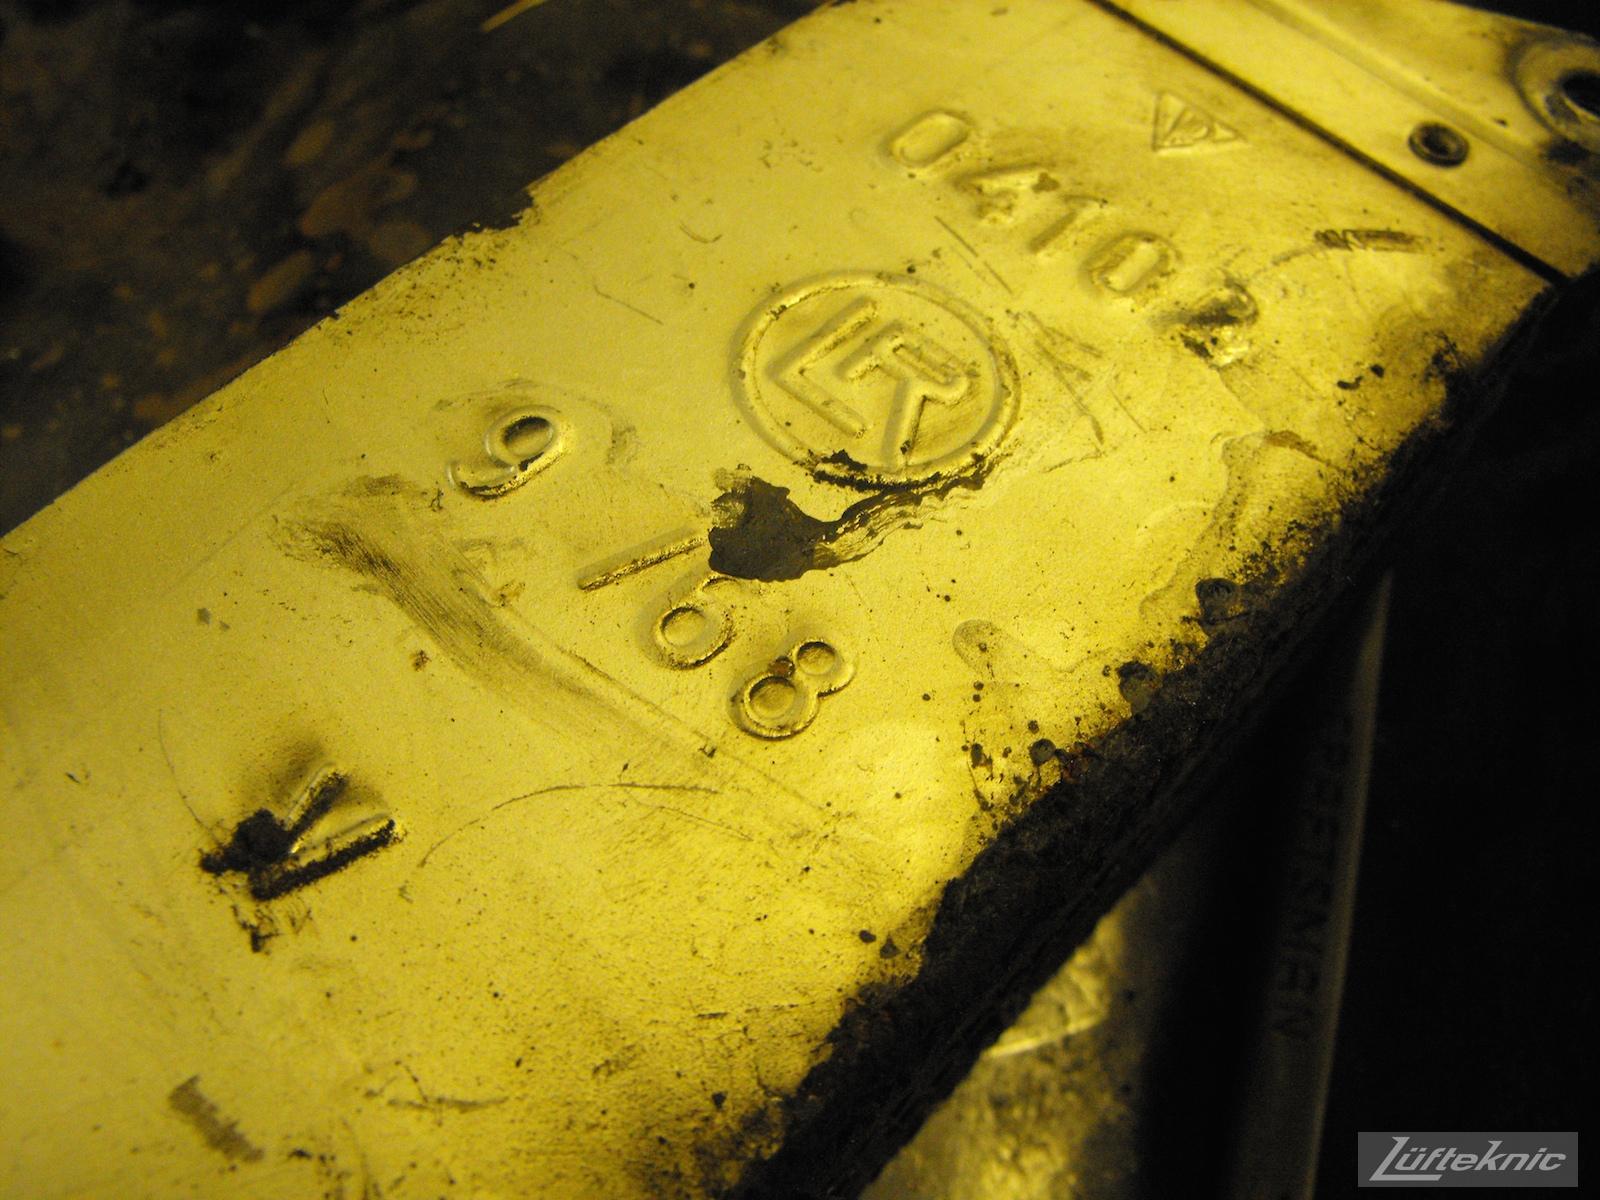 Date stamp on an oil cooler from an Irish Green Porsche 912 undergoing restoration at Lufteknic.